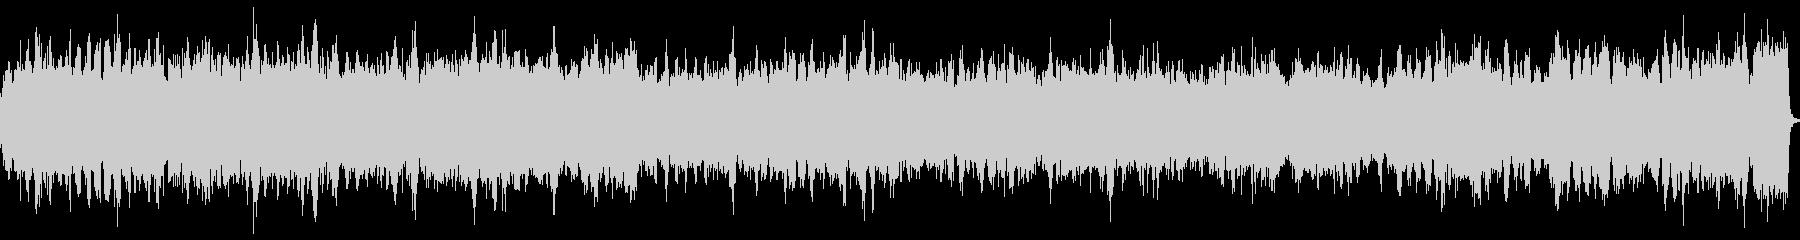 カノンのストリングスオーケストラアレンジの未再生の波形